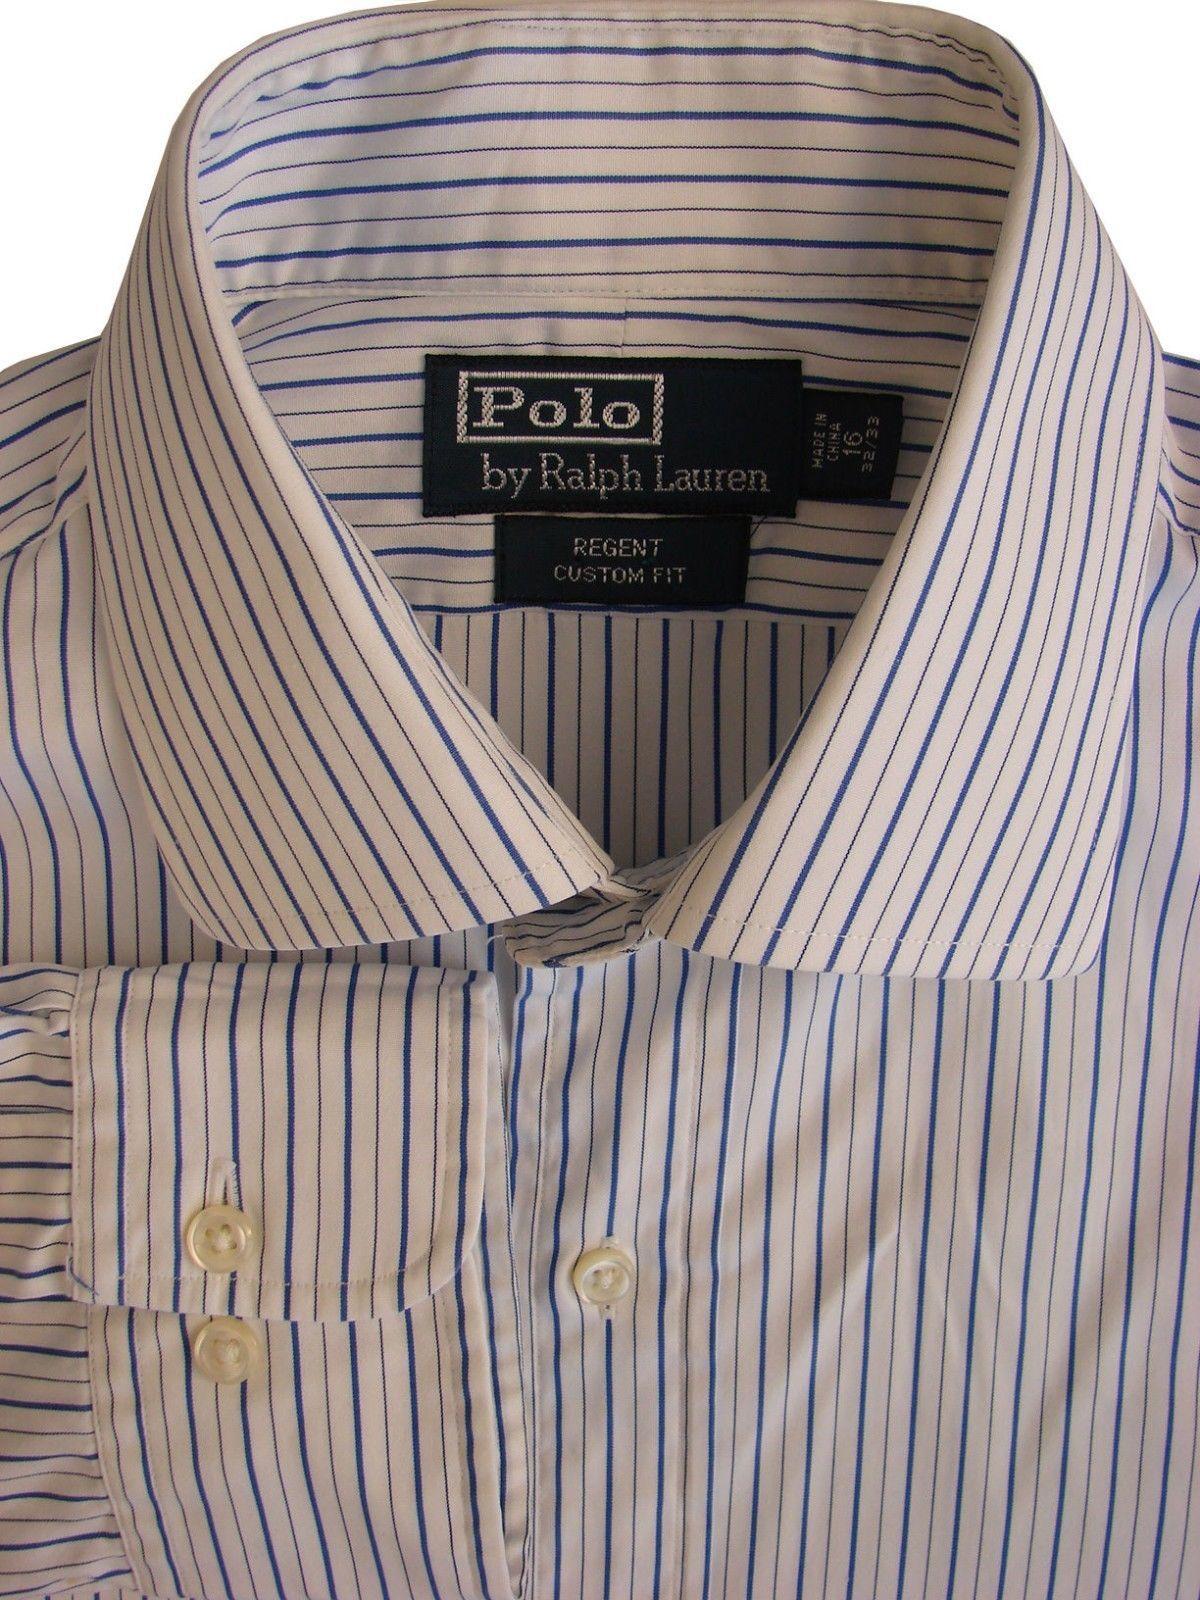 50ea6e66f S l1600. S l1600. Previous. RALPH LAUREN POLO Shirt Mens 16 M Blue - White  Stripes REGENT CUSTOM FIT